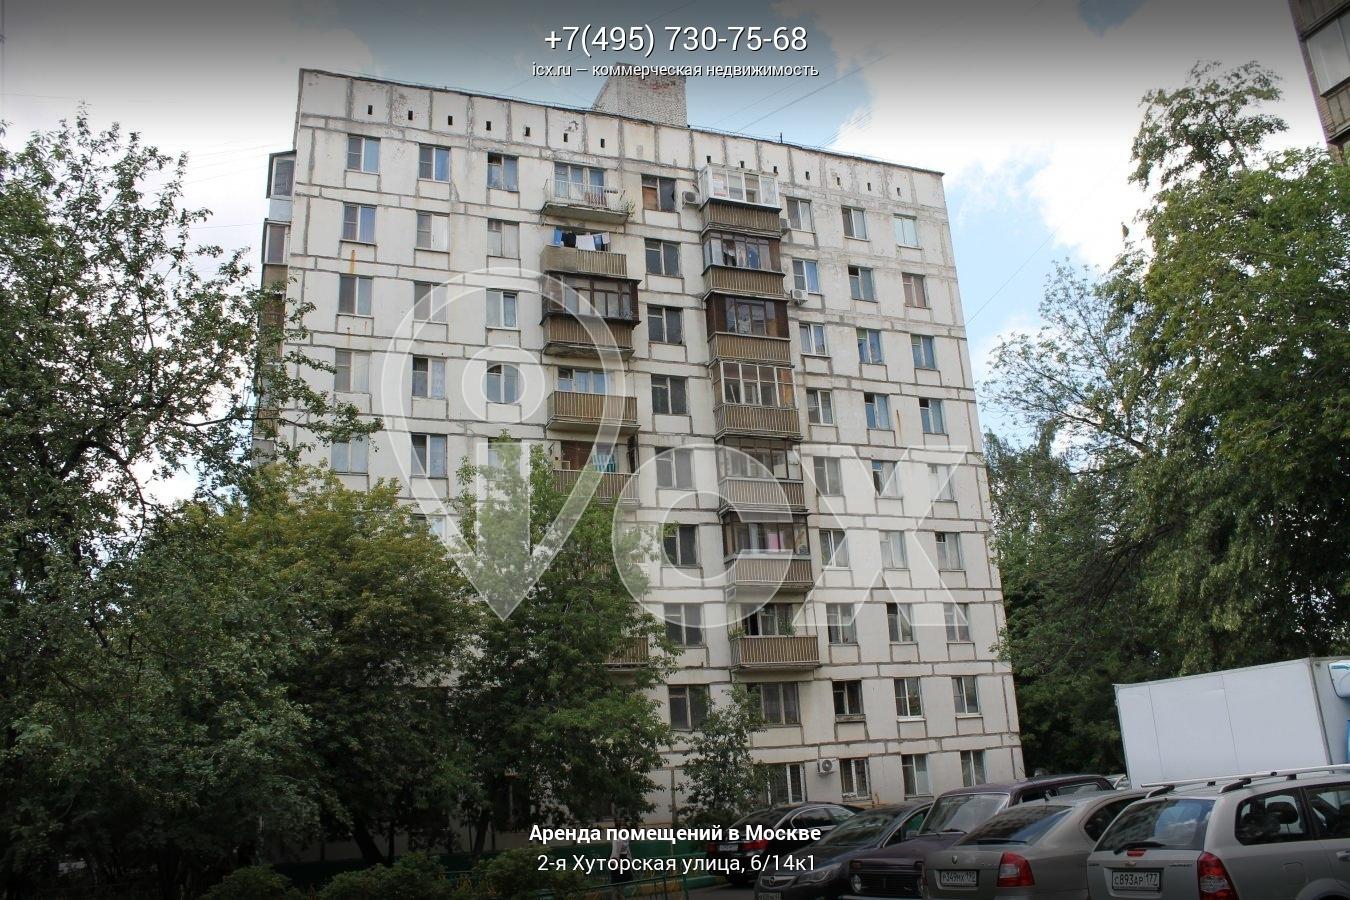 Арендовать помещение под офис Хуторская 1-я улица поиск Коммерческой недвижимости Сталеваров улица